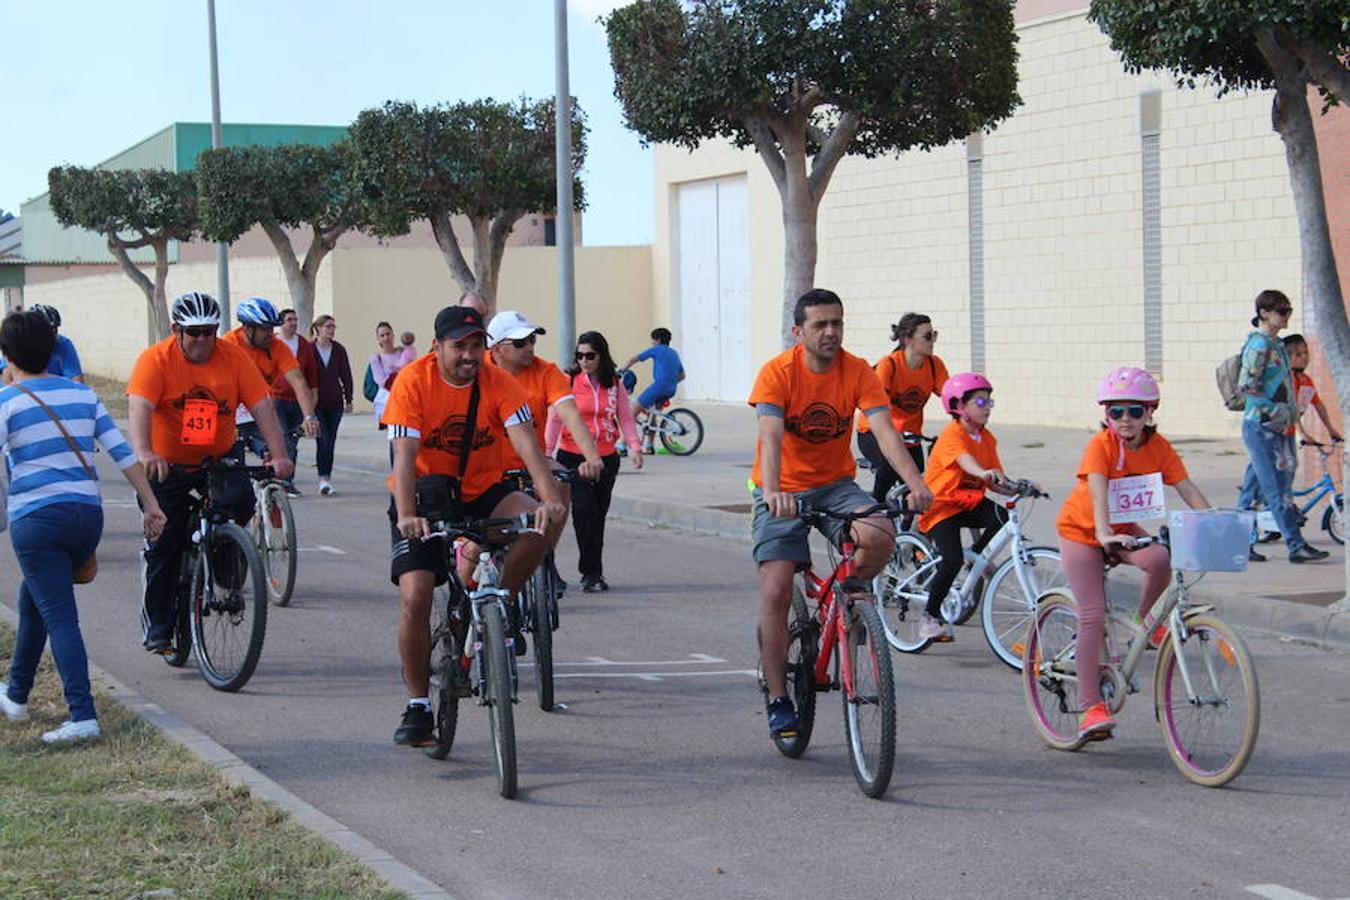 Diversión a golpe de pedales en Las Norias